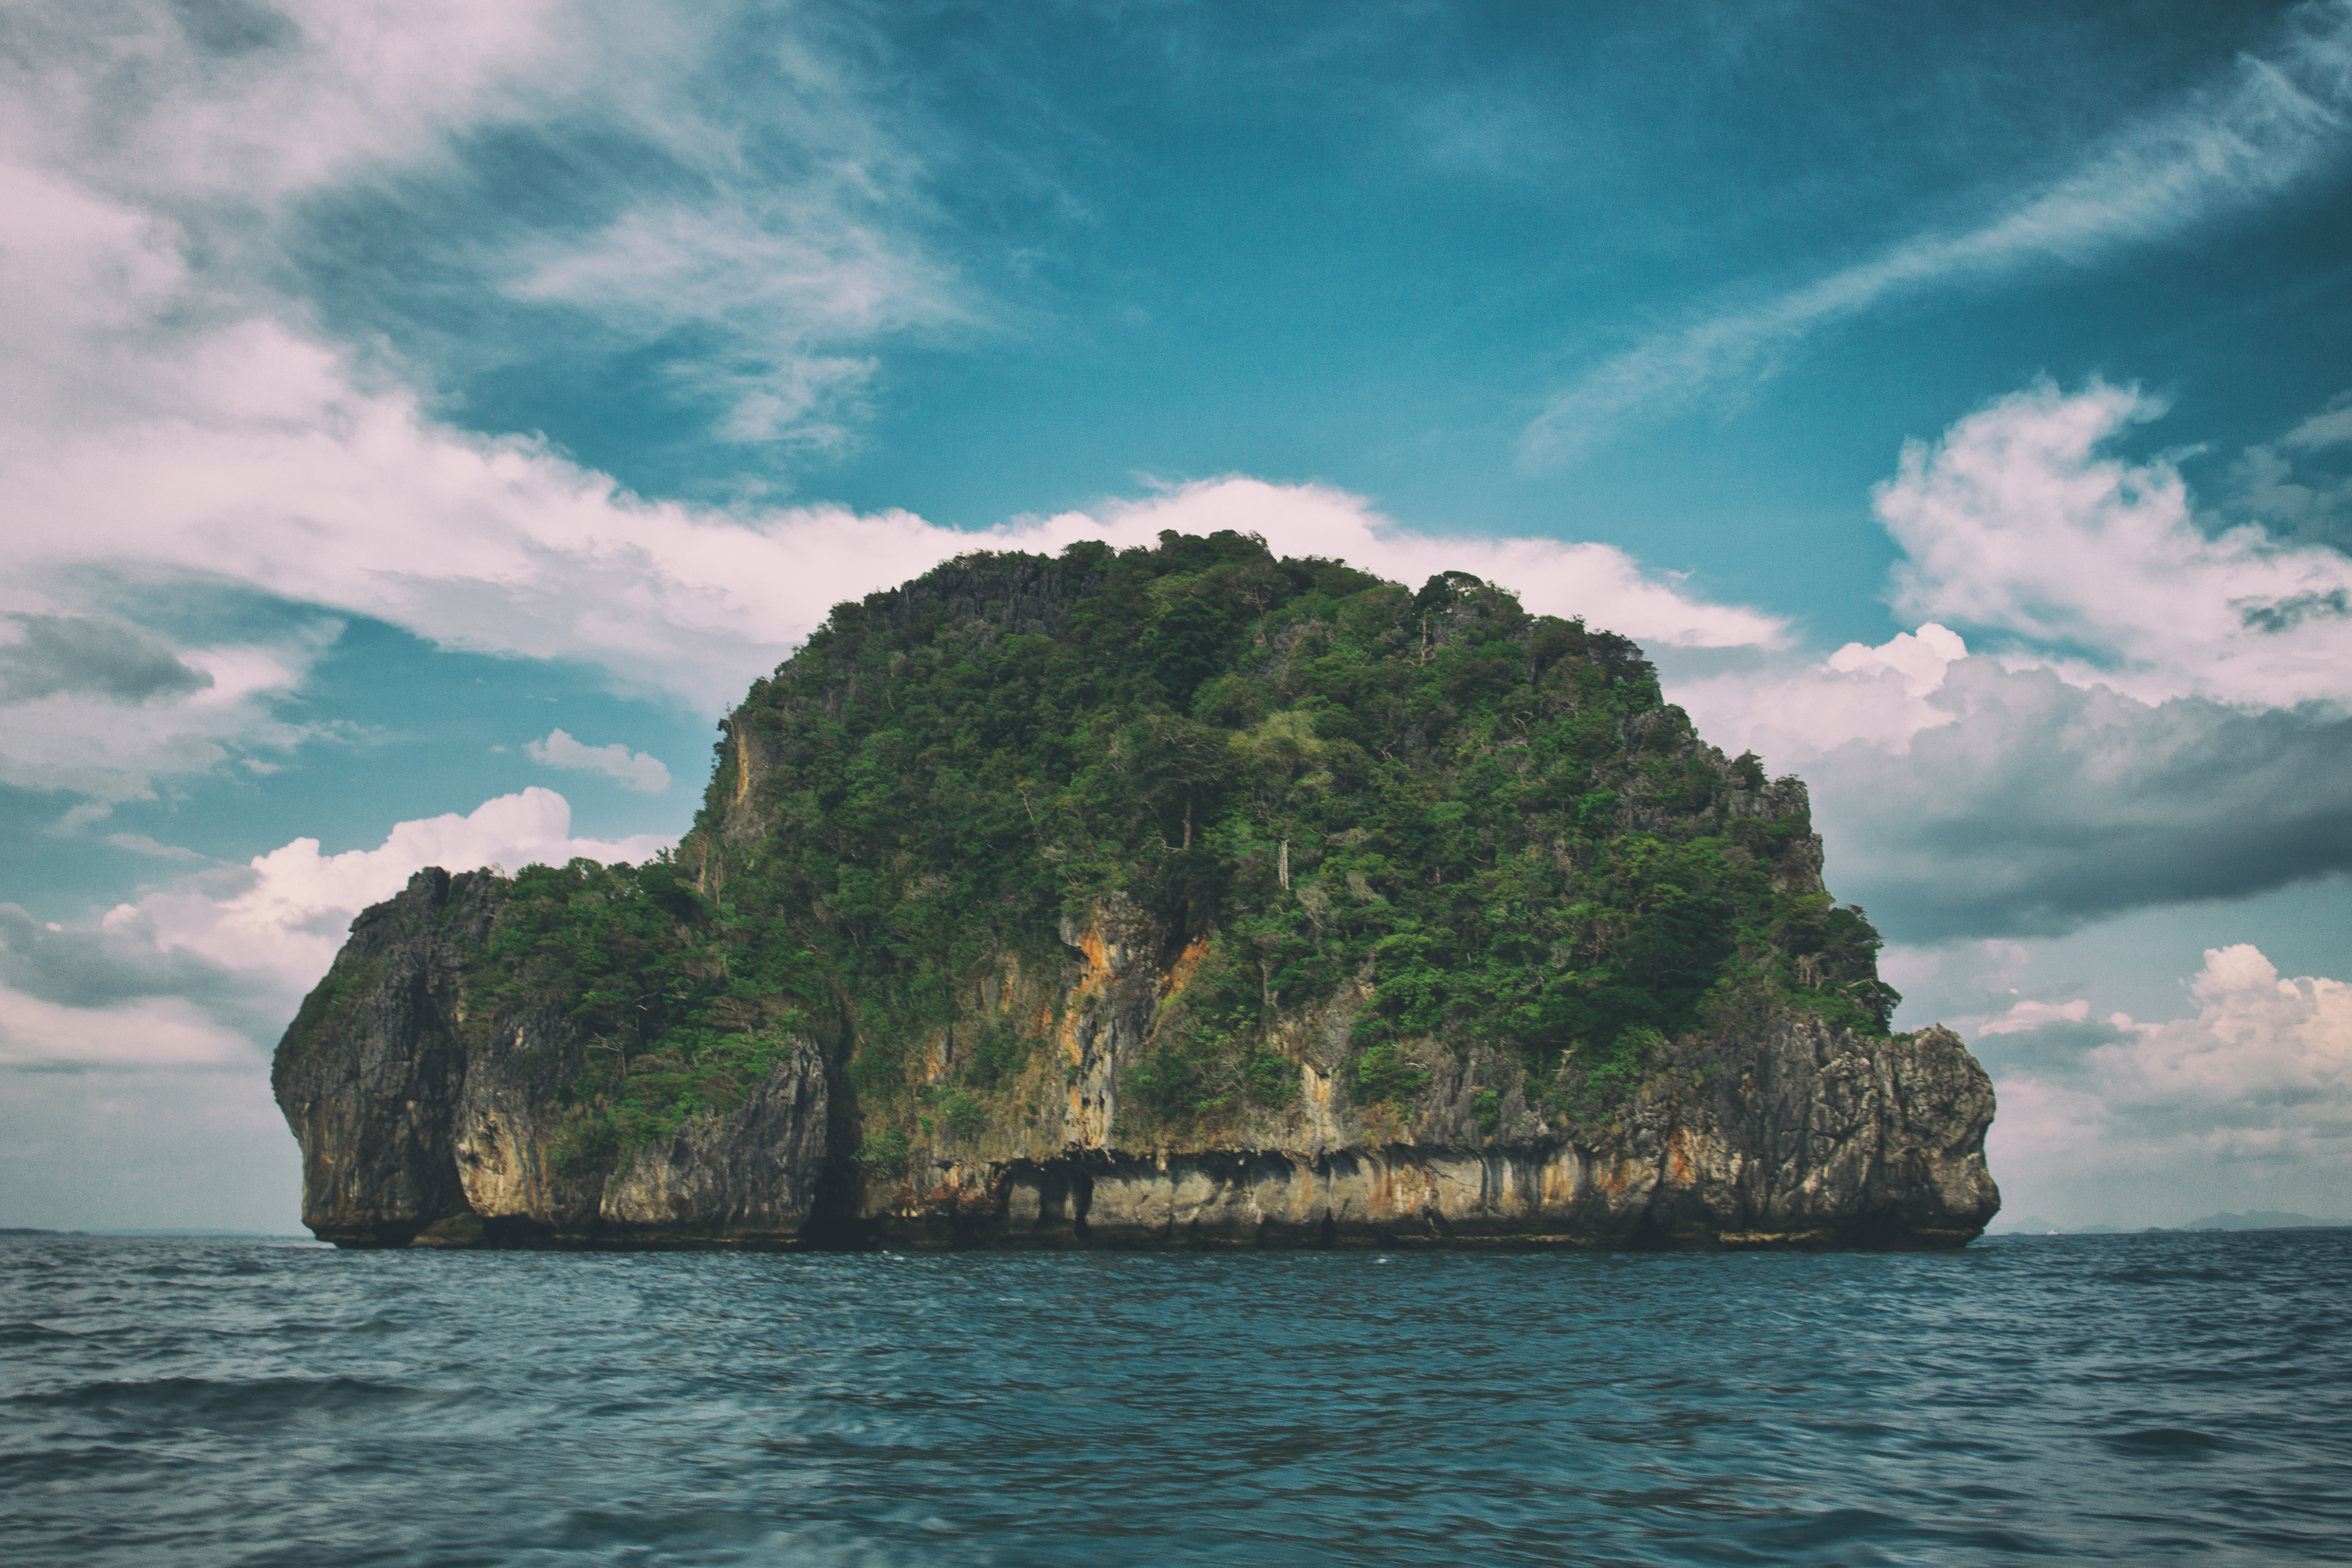 Turtle island photo